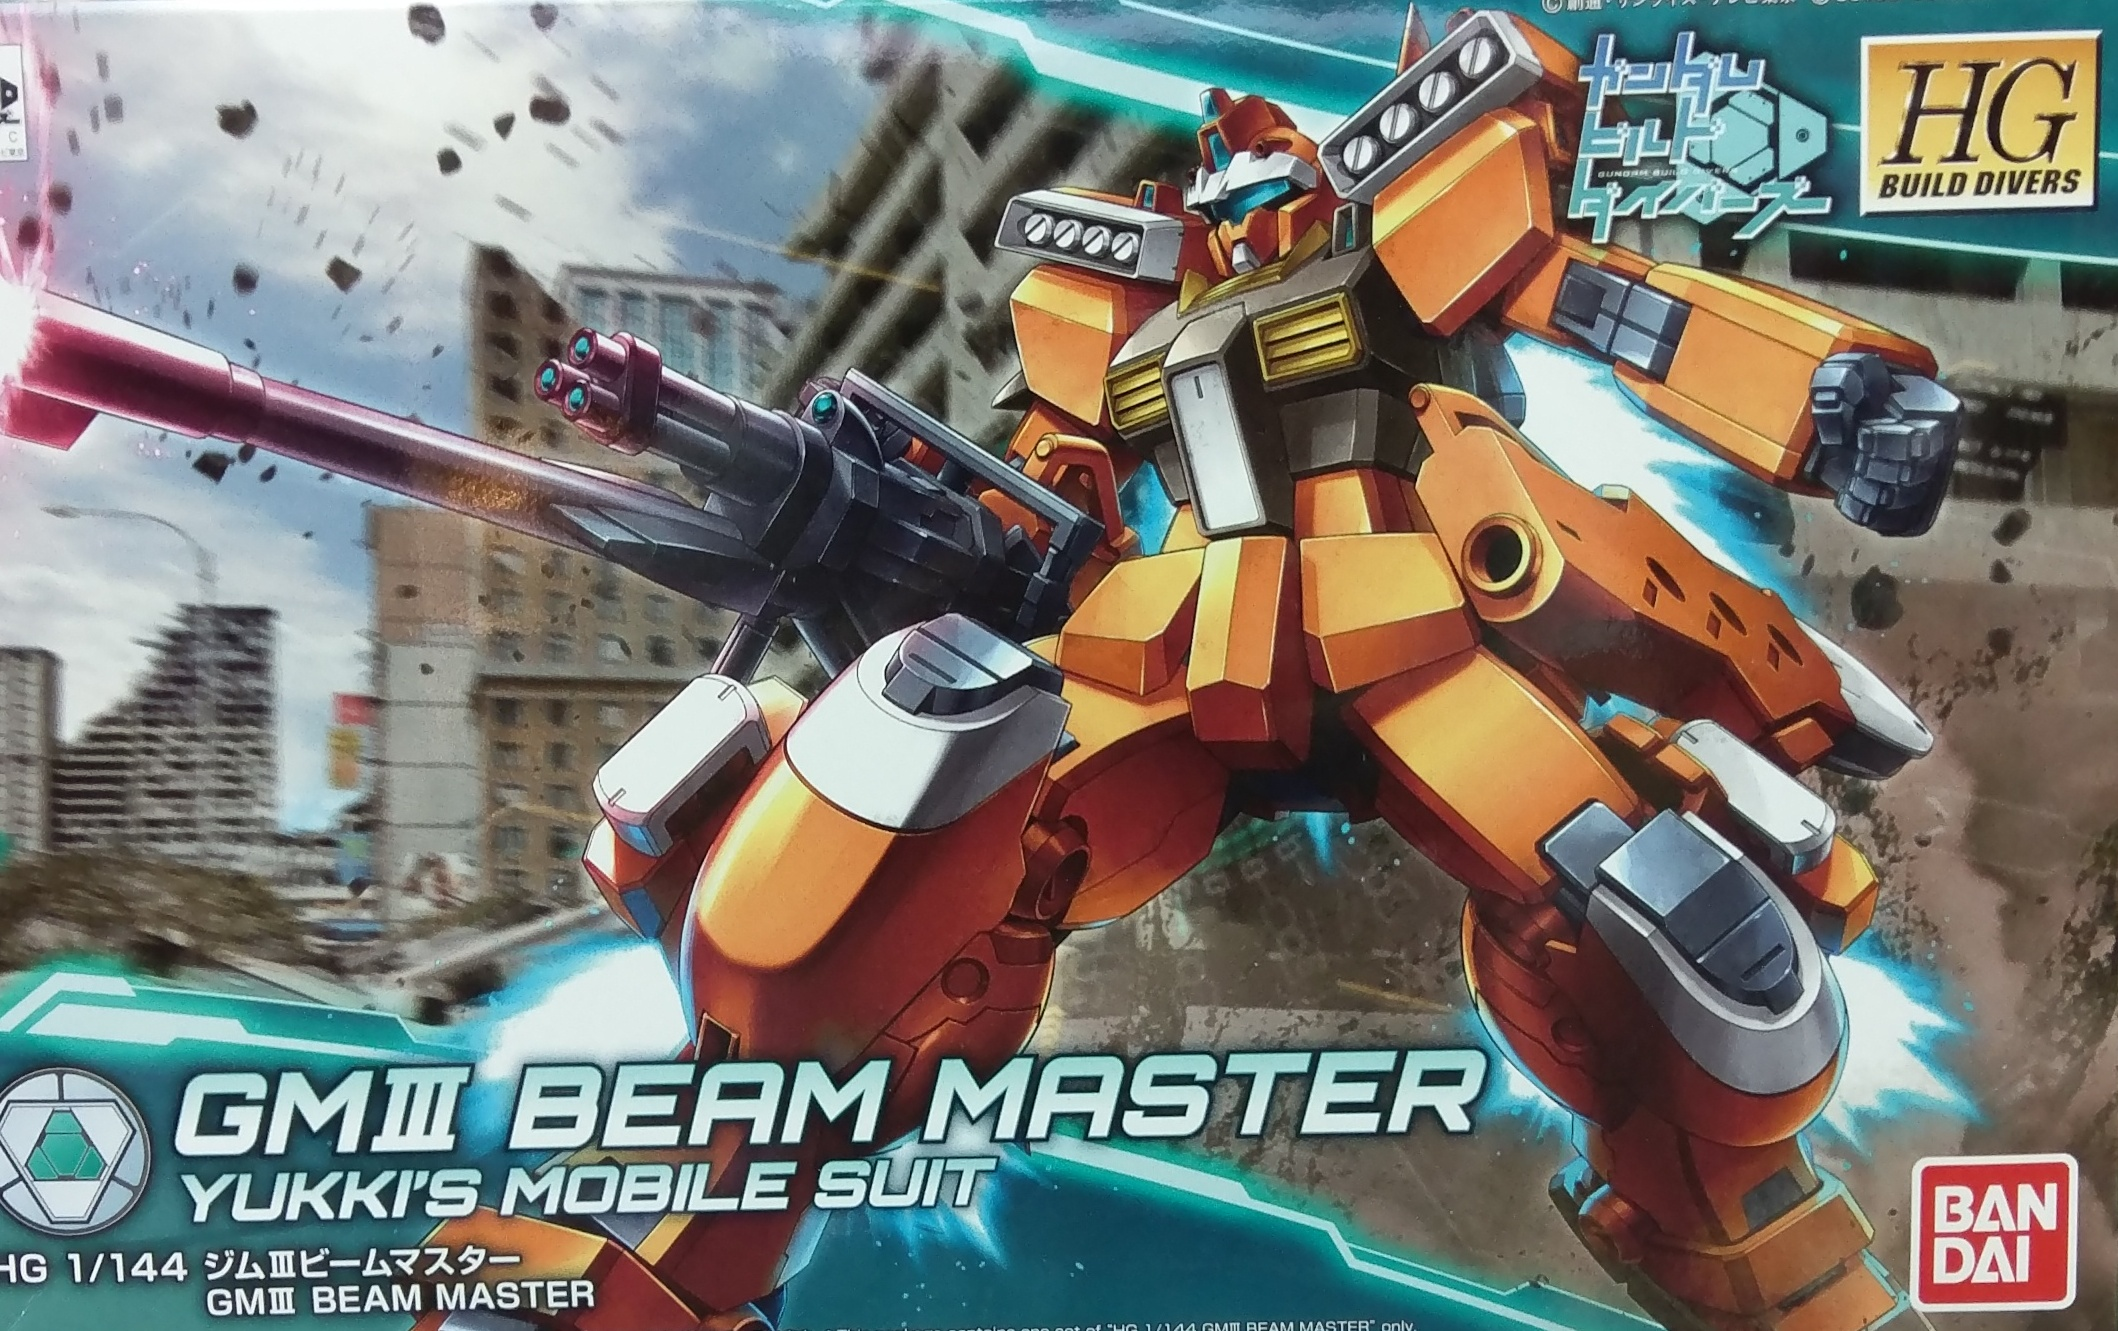 鋼彈創鬥者潛網大戰HGBD002 光束大師吉姆III